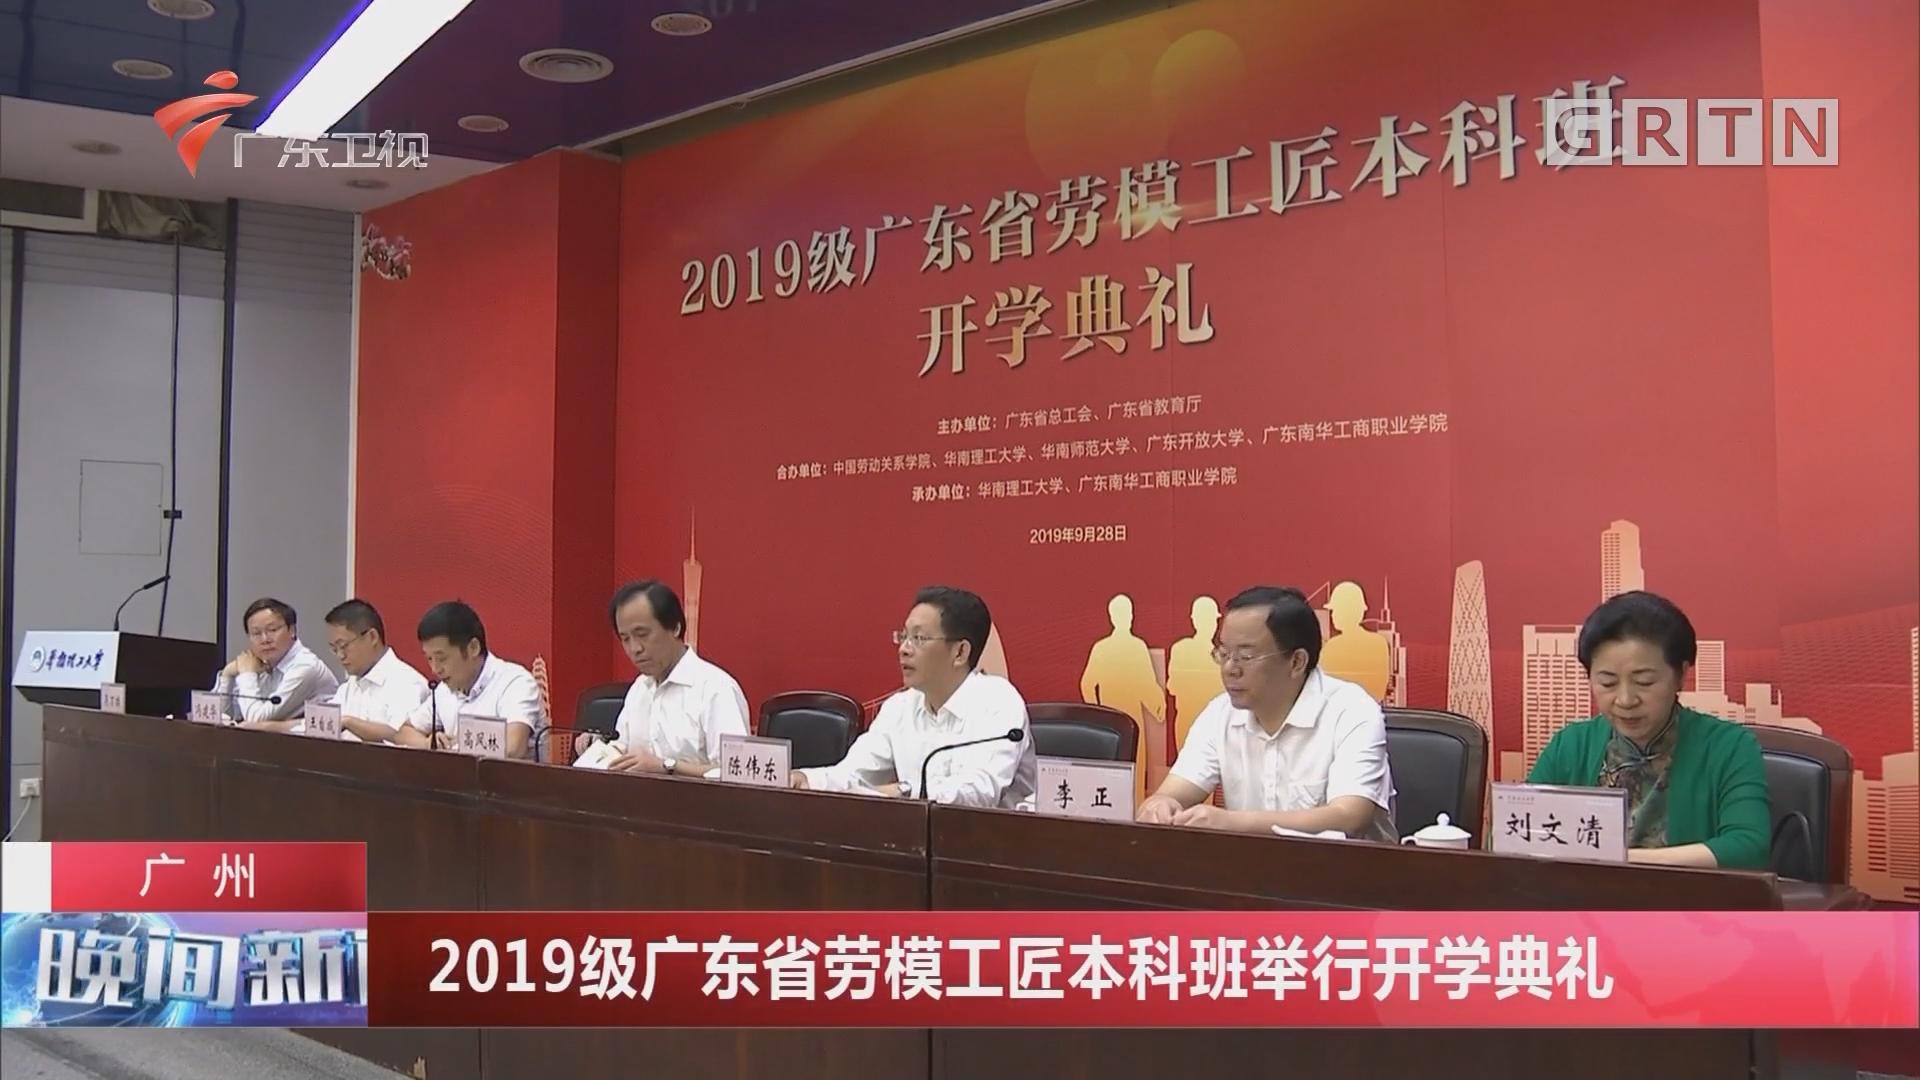 广州:2019级广东省劳模工匠本科班举行开学典礼